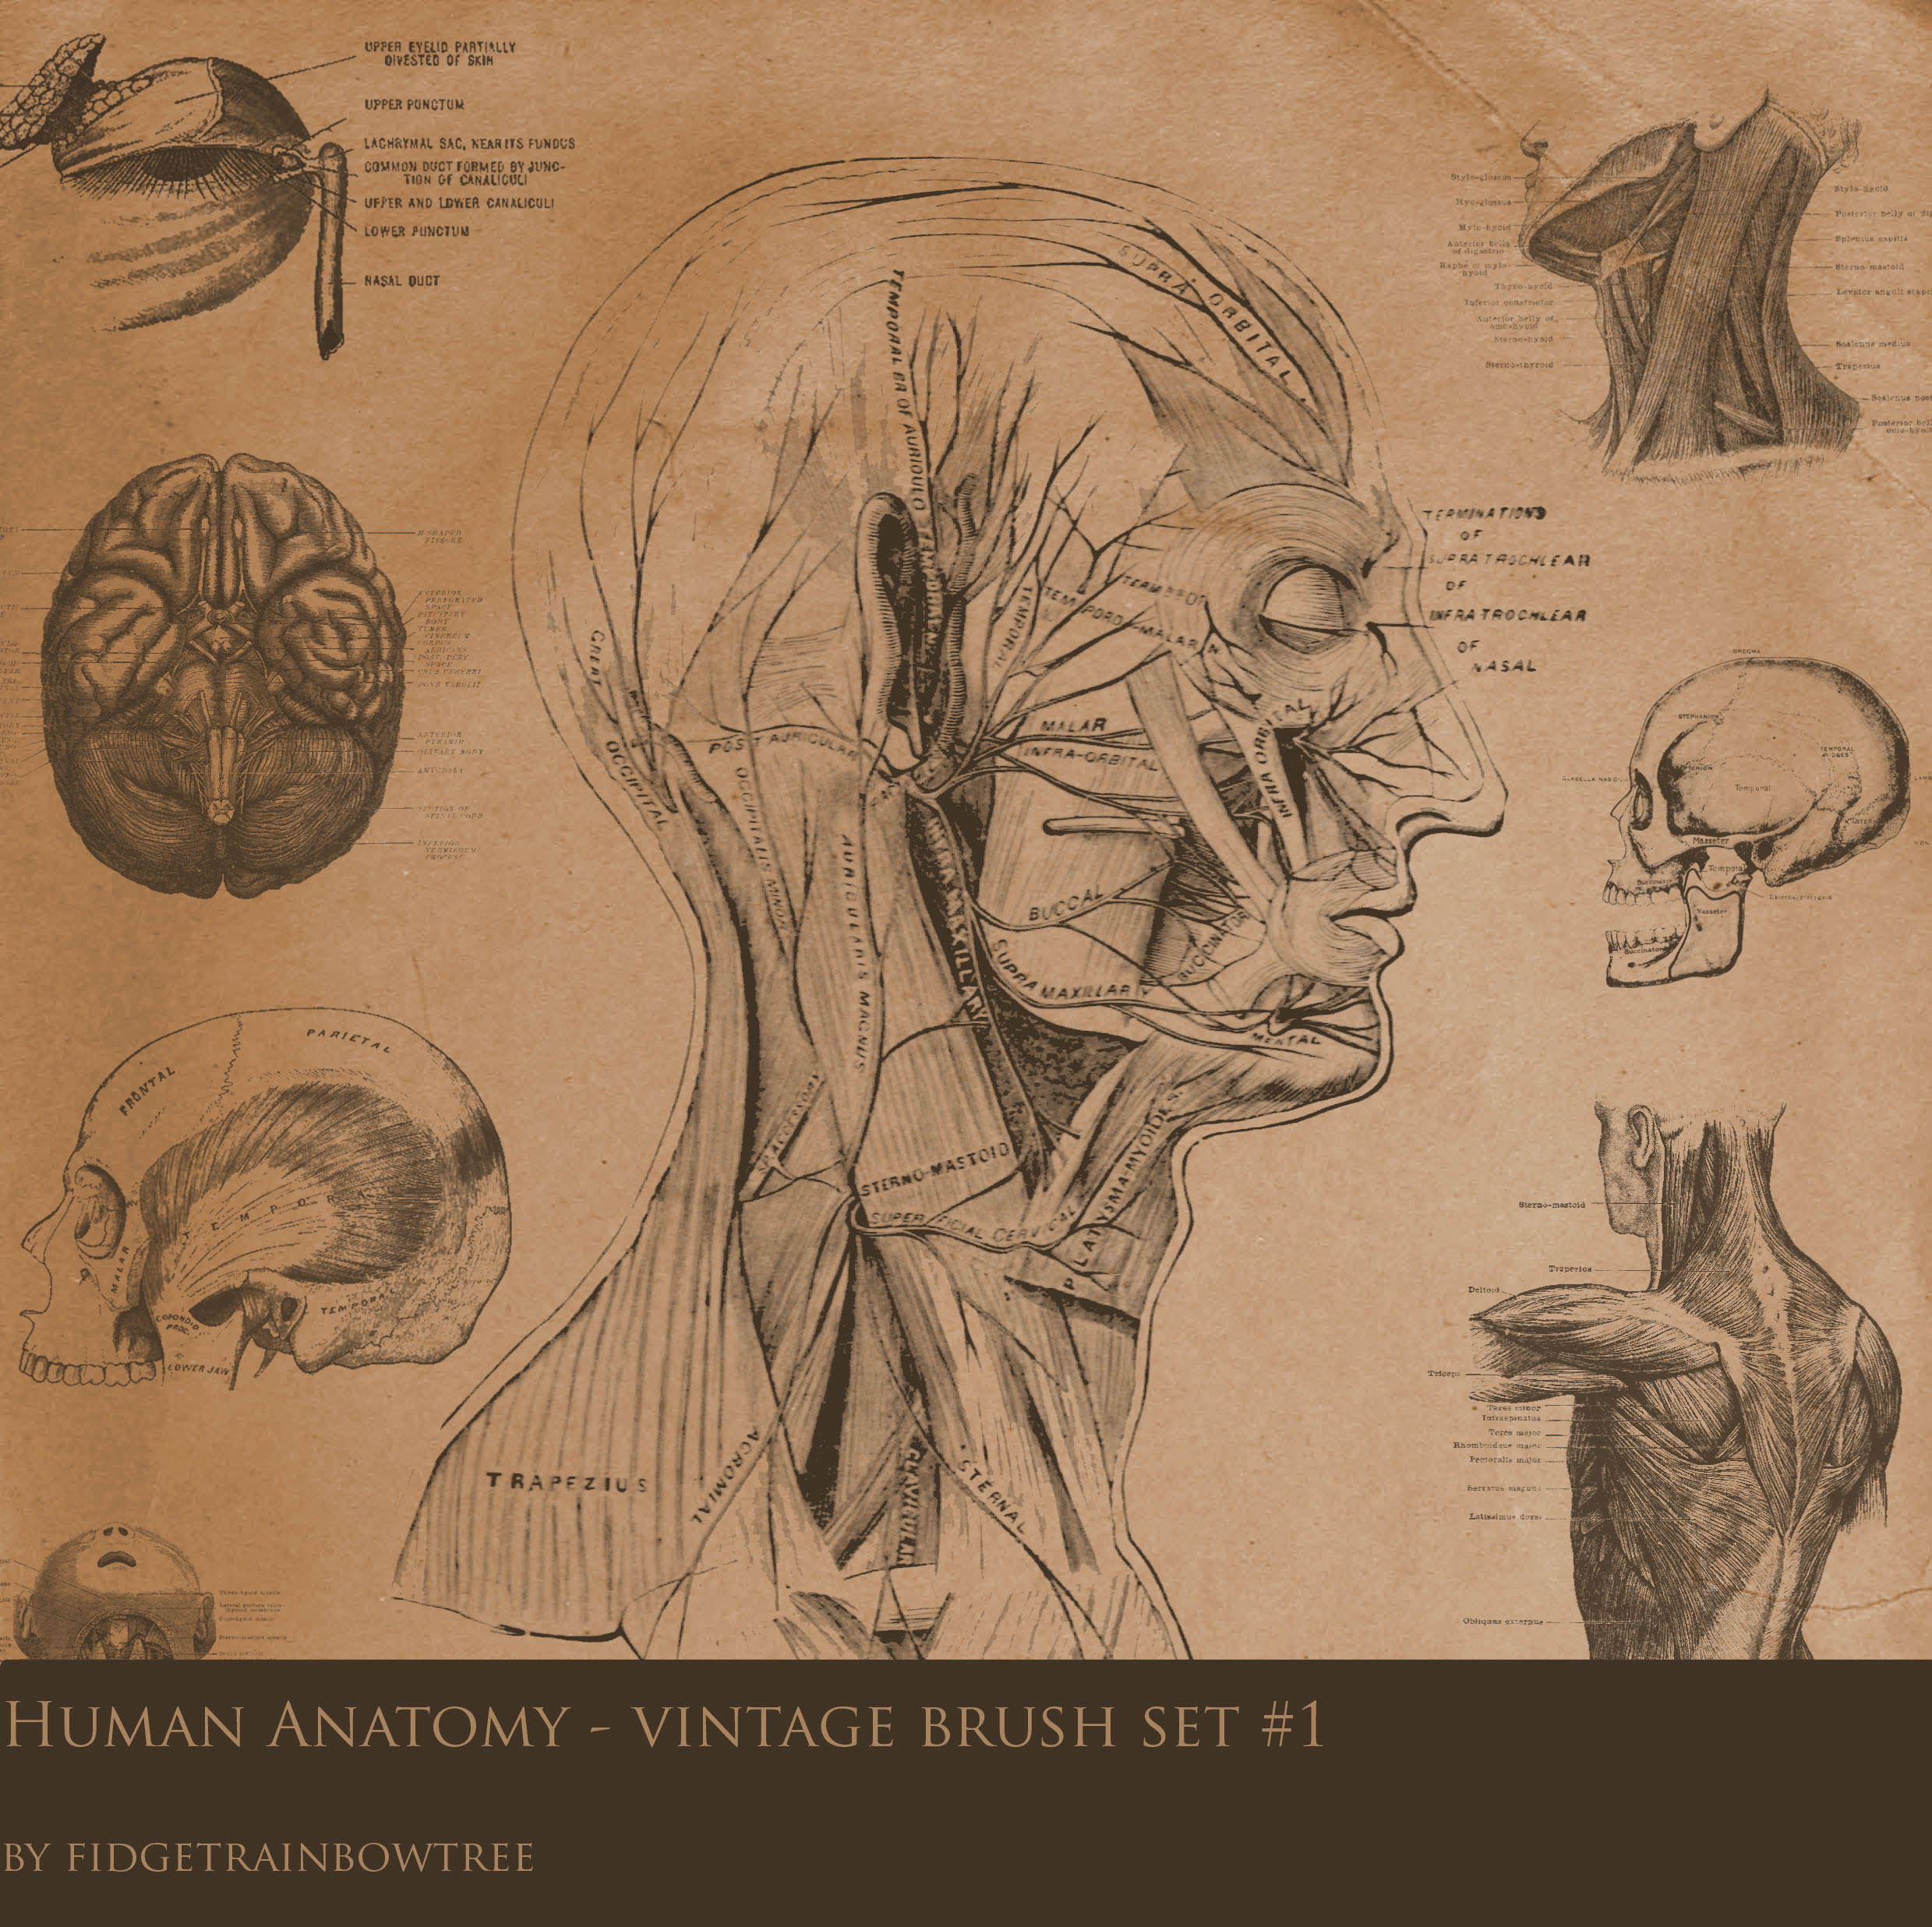 Vintage Anatomy Set 1 by FidgetResources on DeviantArt